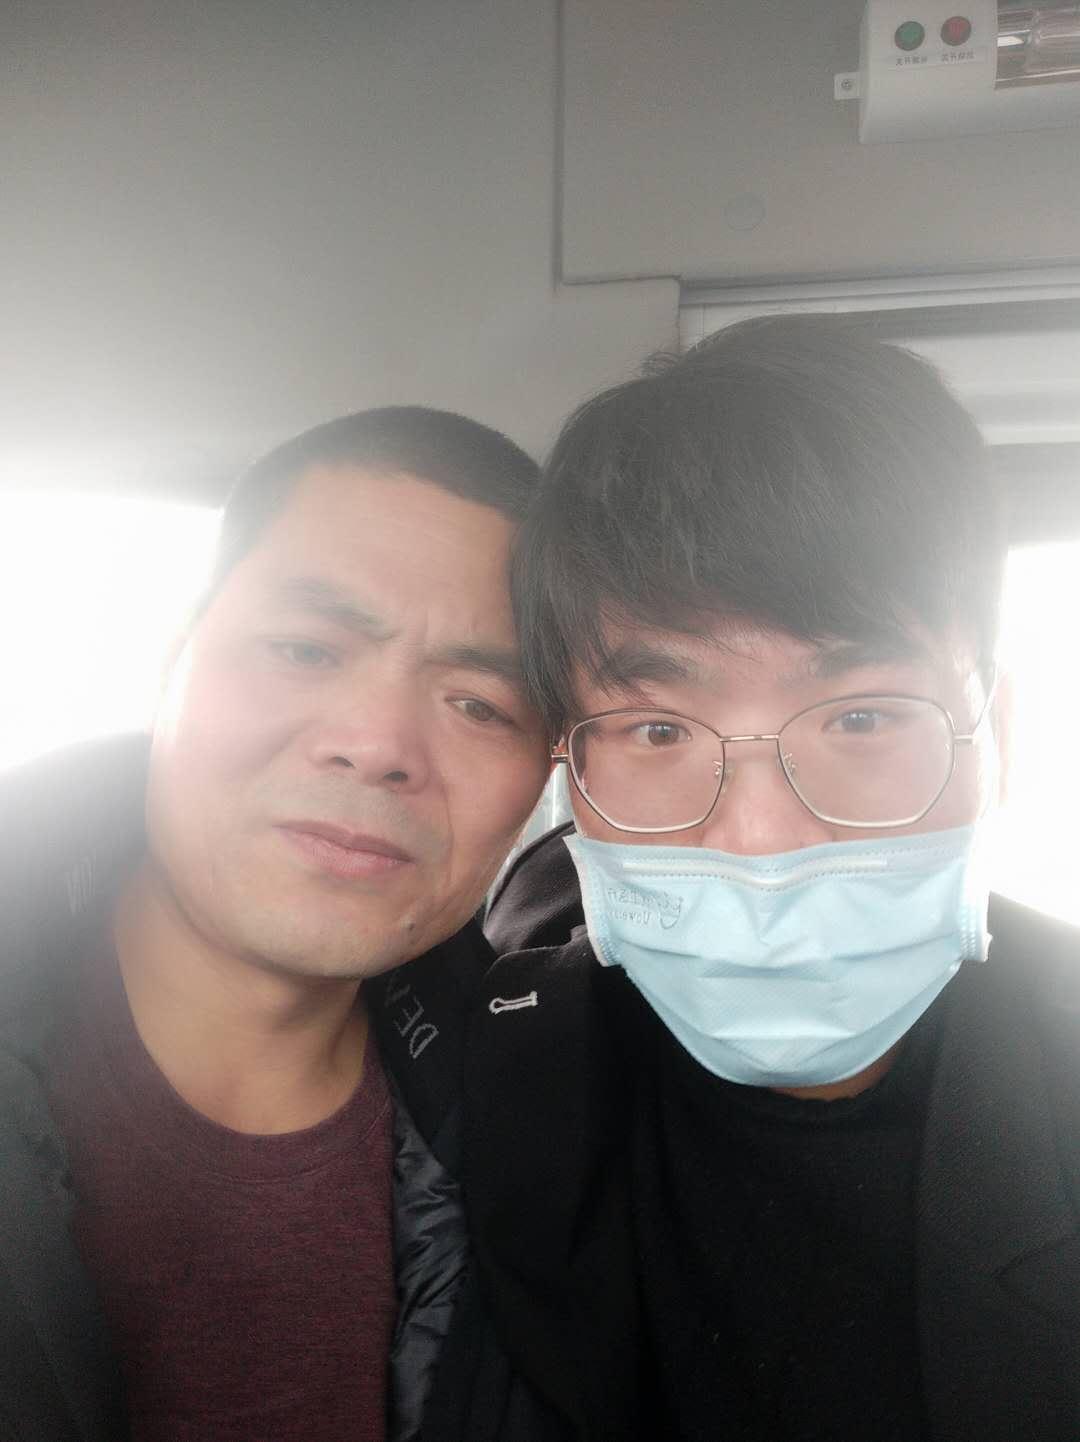 16年前被指投毒今日改判无罪,吴春红家人:像场马拉松